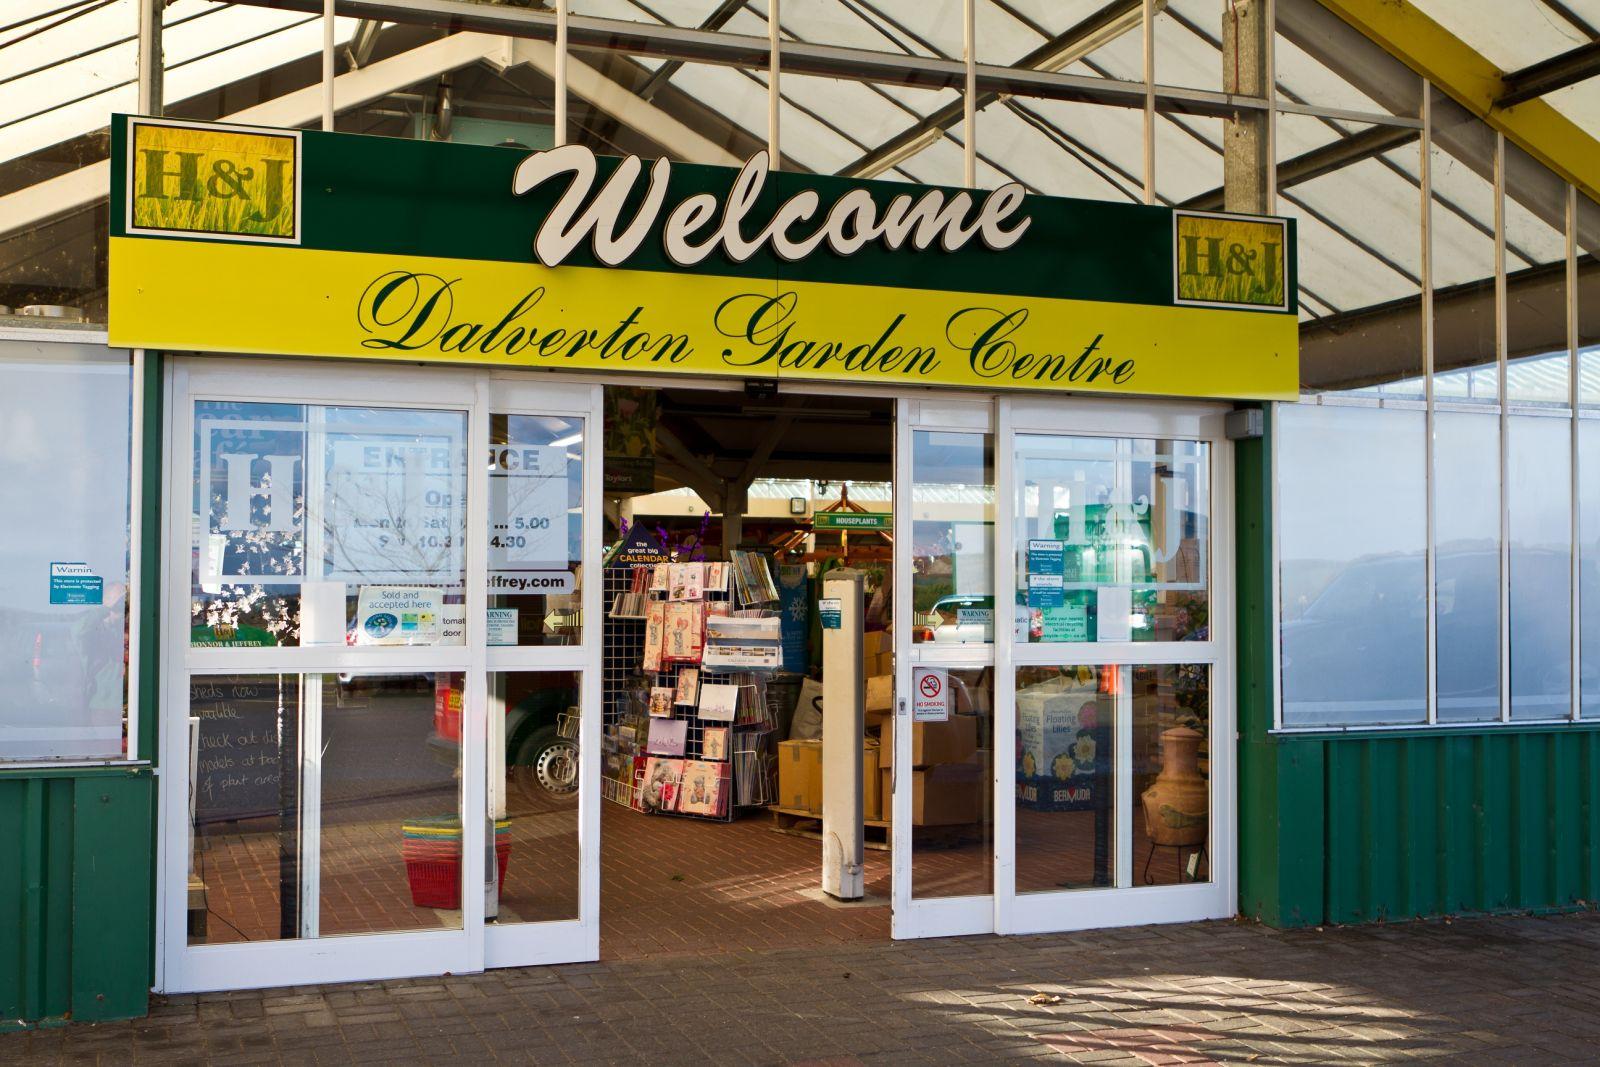 Dalvertons Garden Centre